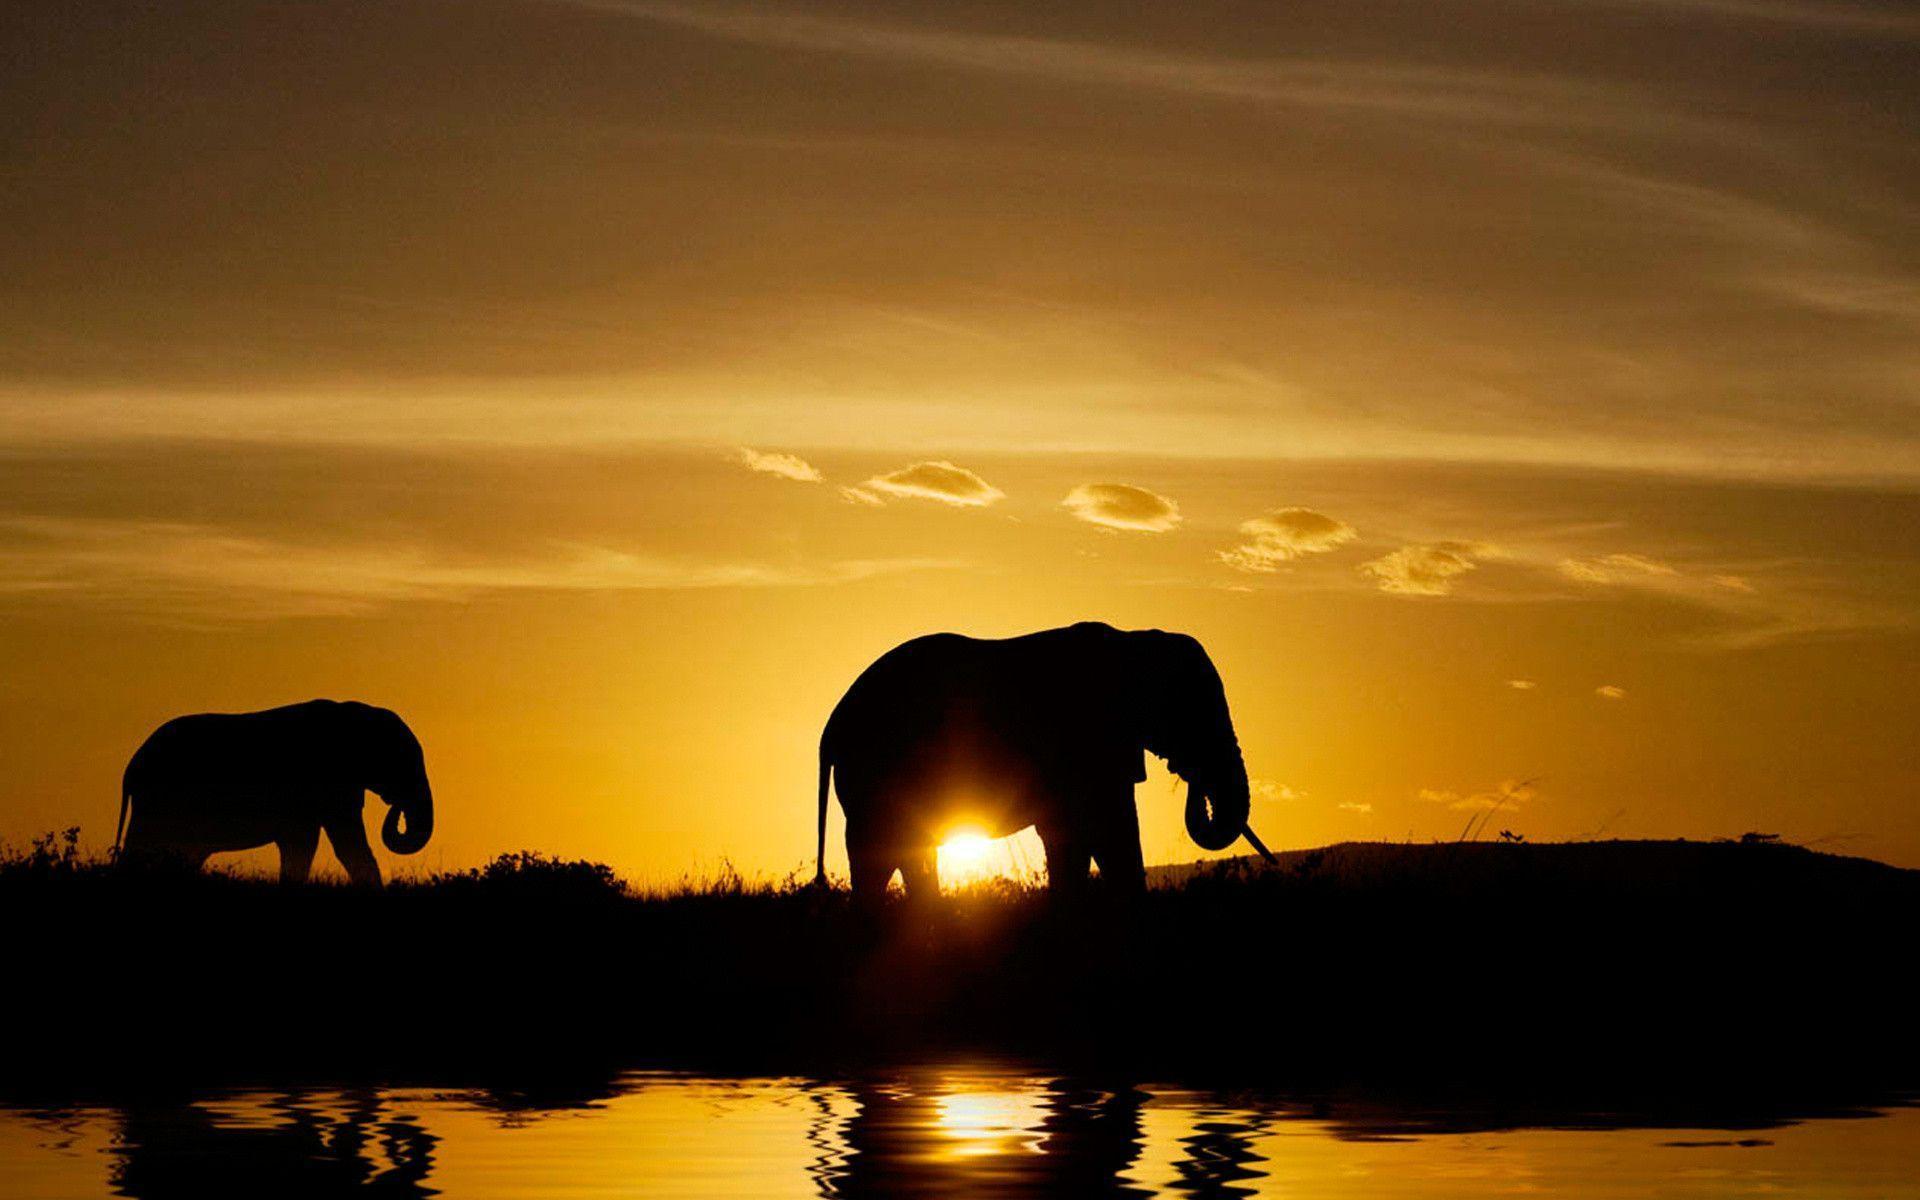 Safari Wallpapers - Full HD wallpaper search